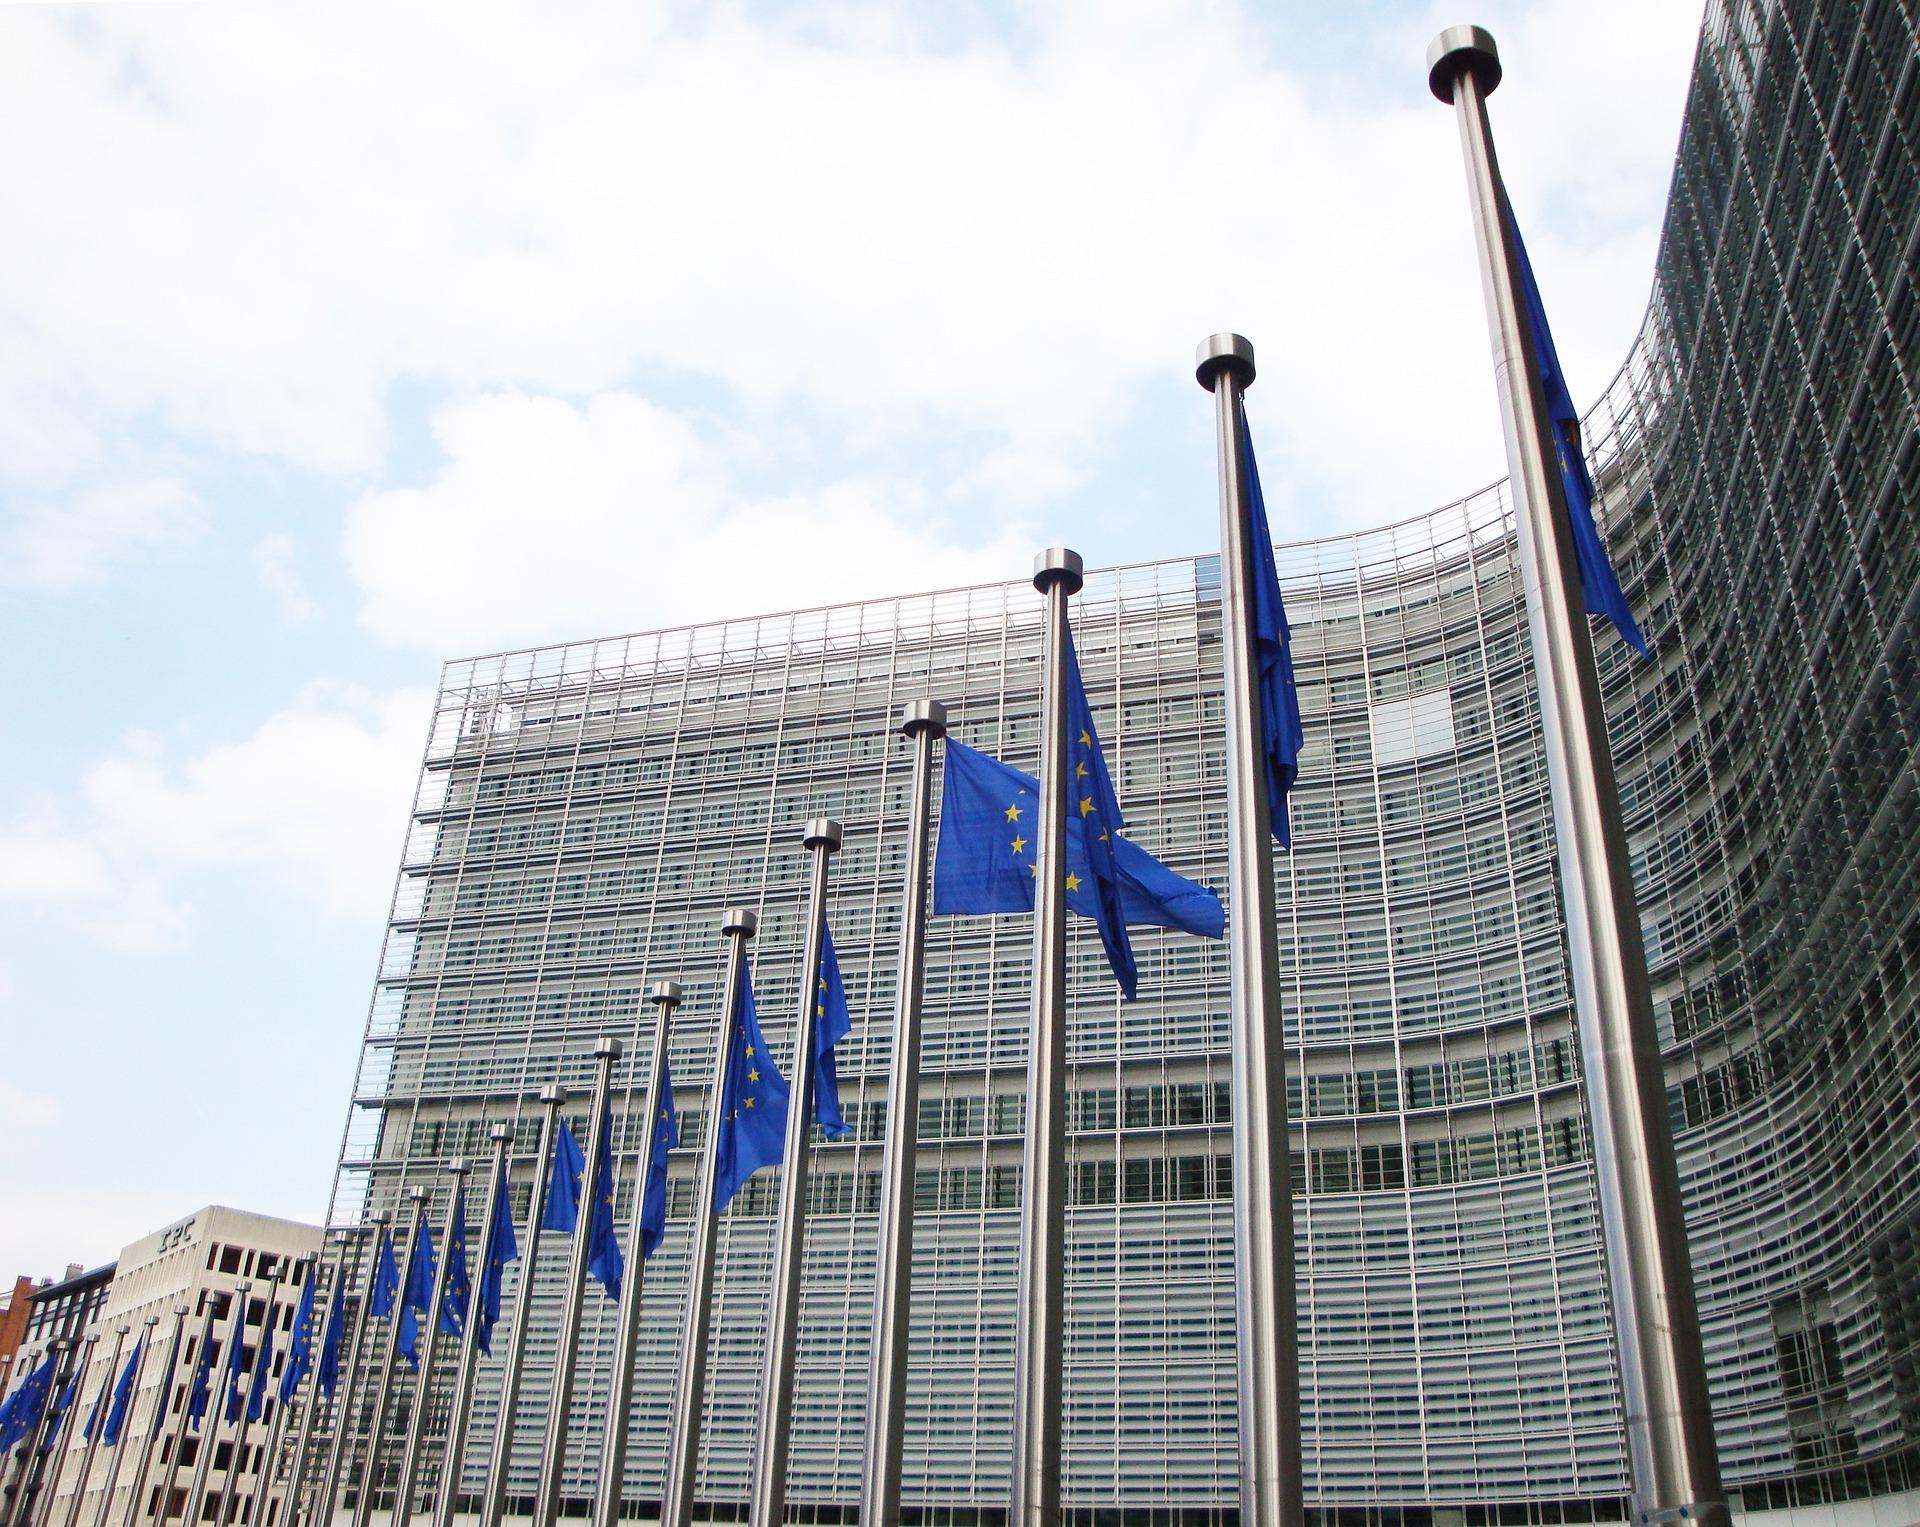 Il Parlamento europeo vota per una riduzione del 60% delle emissioni di carbonio entro il 2030